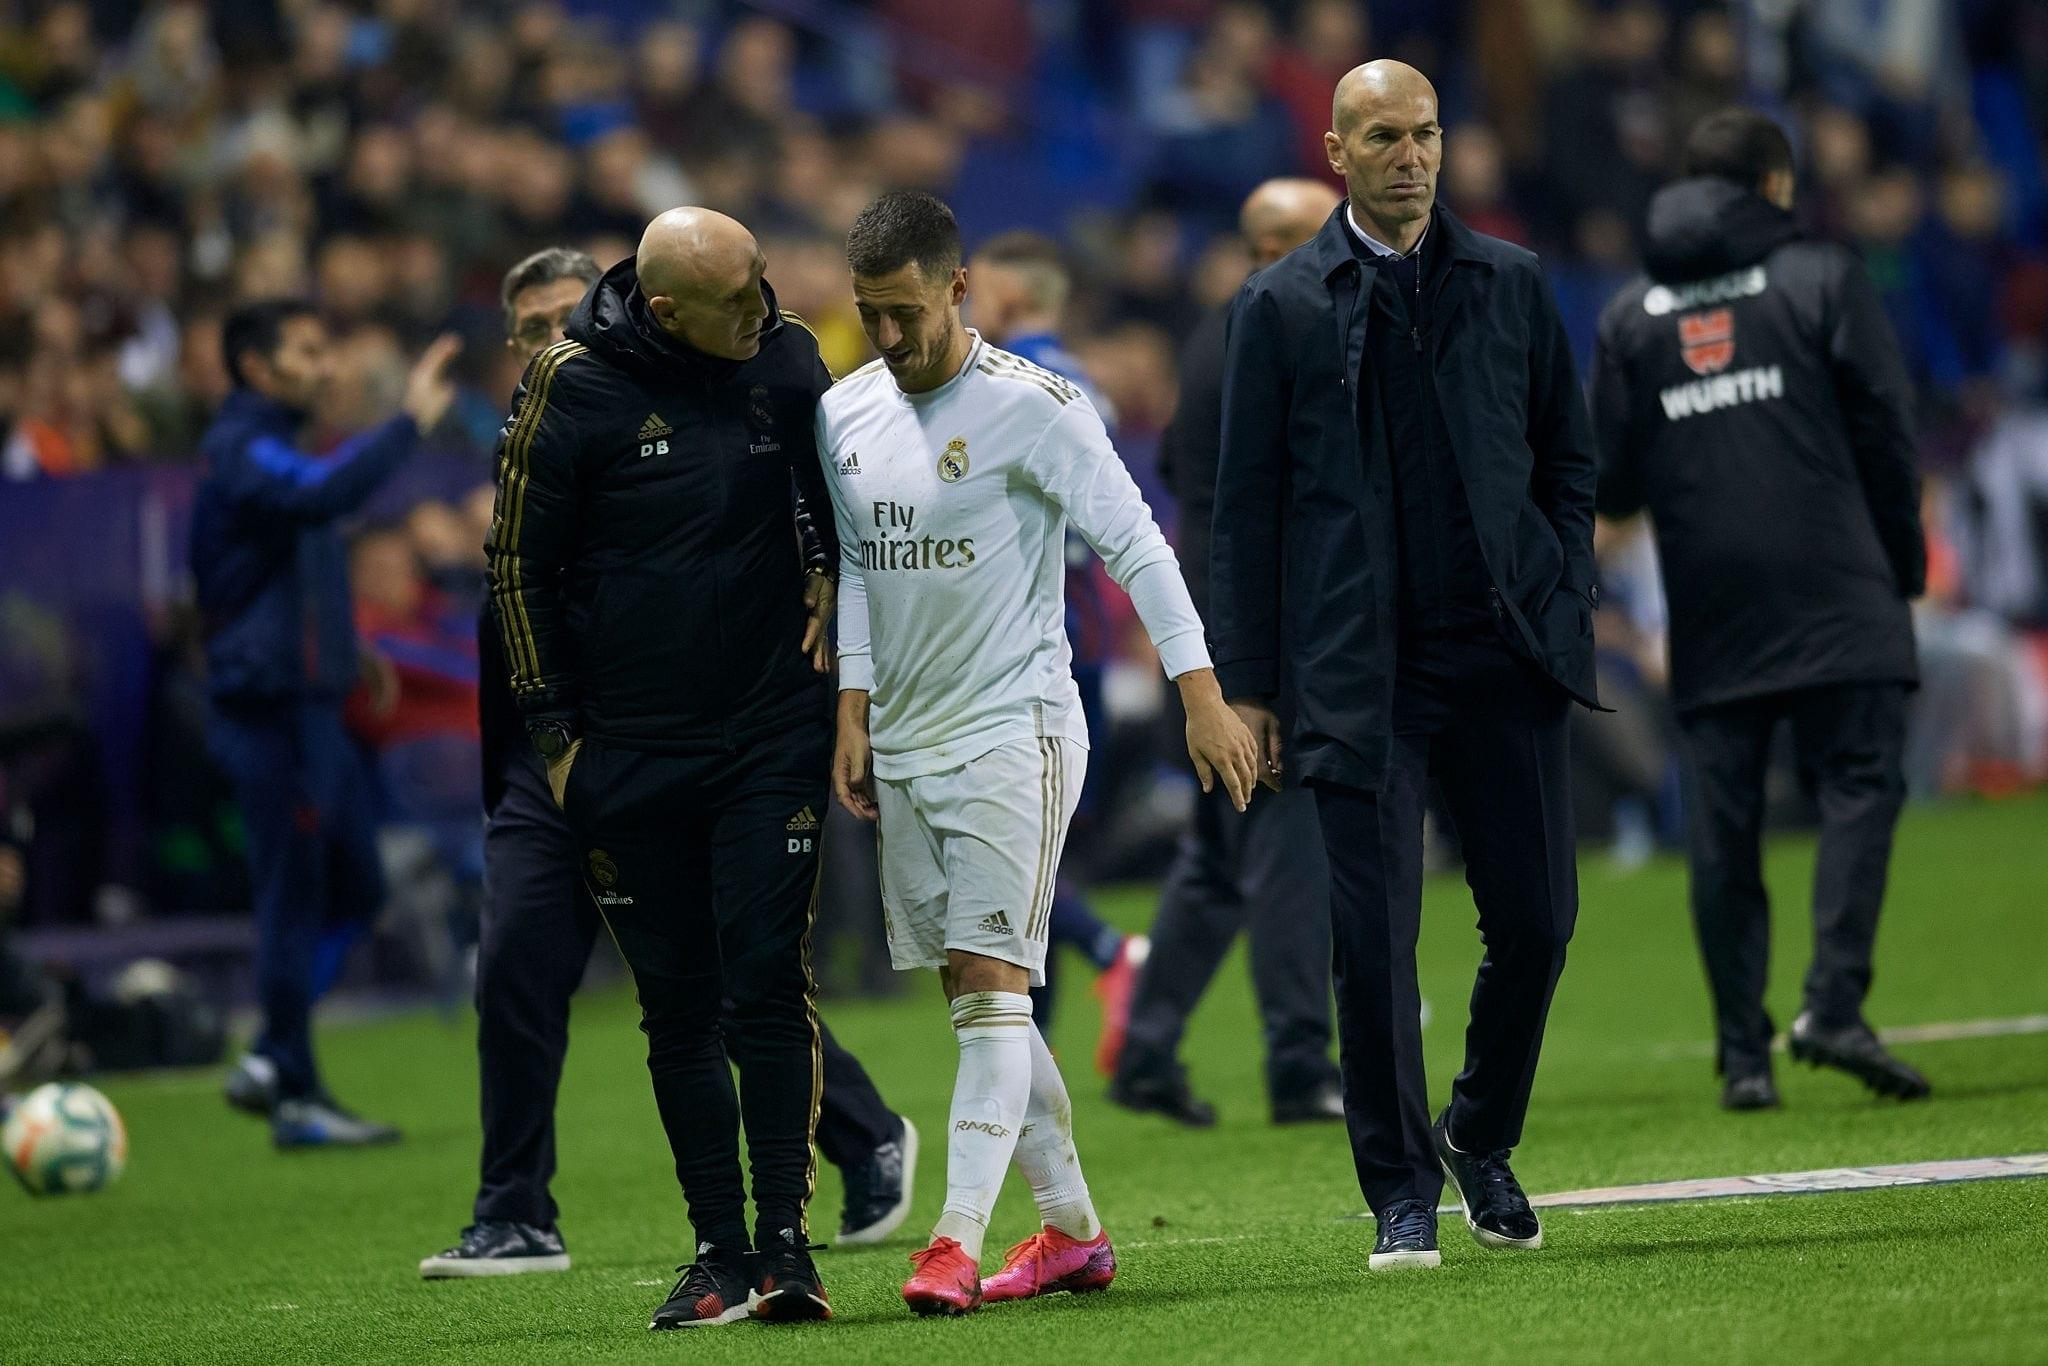 Real Madrid : fissure au péroné pour Eden Hazard